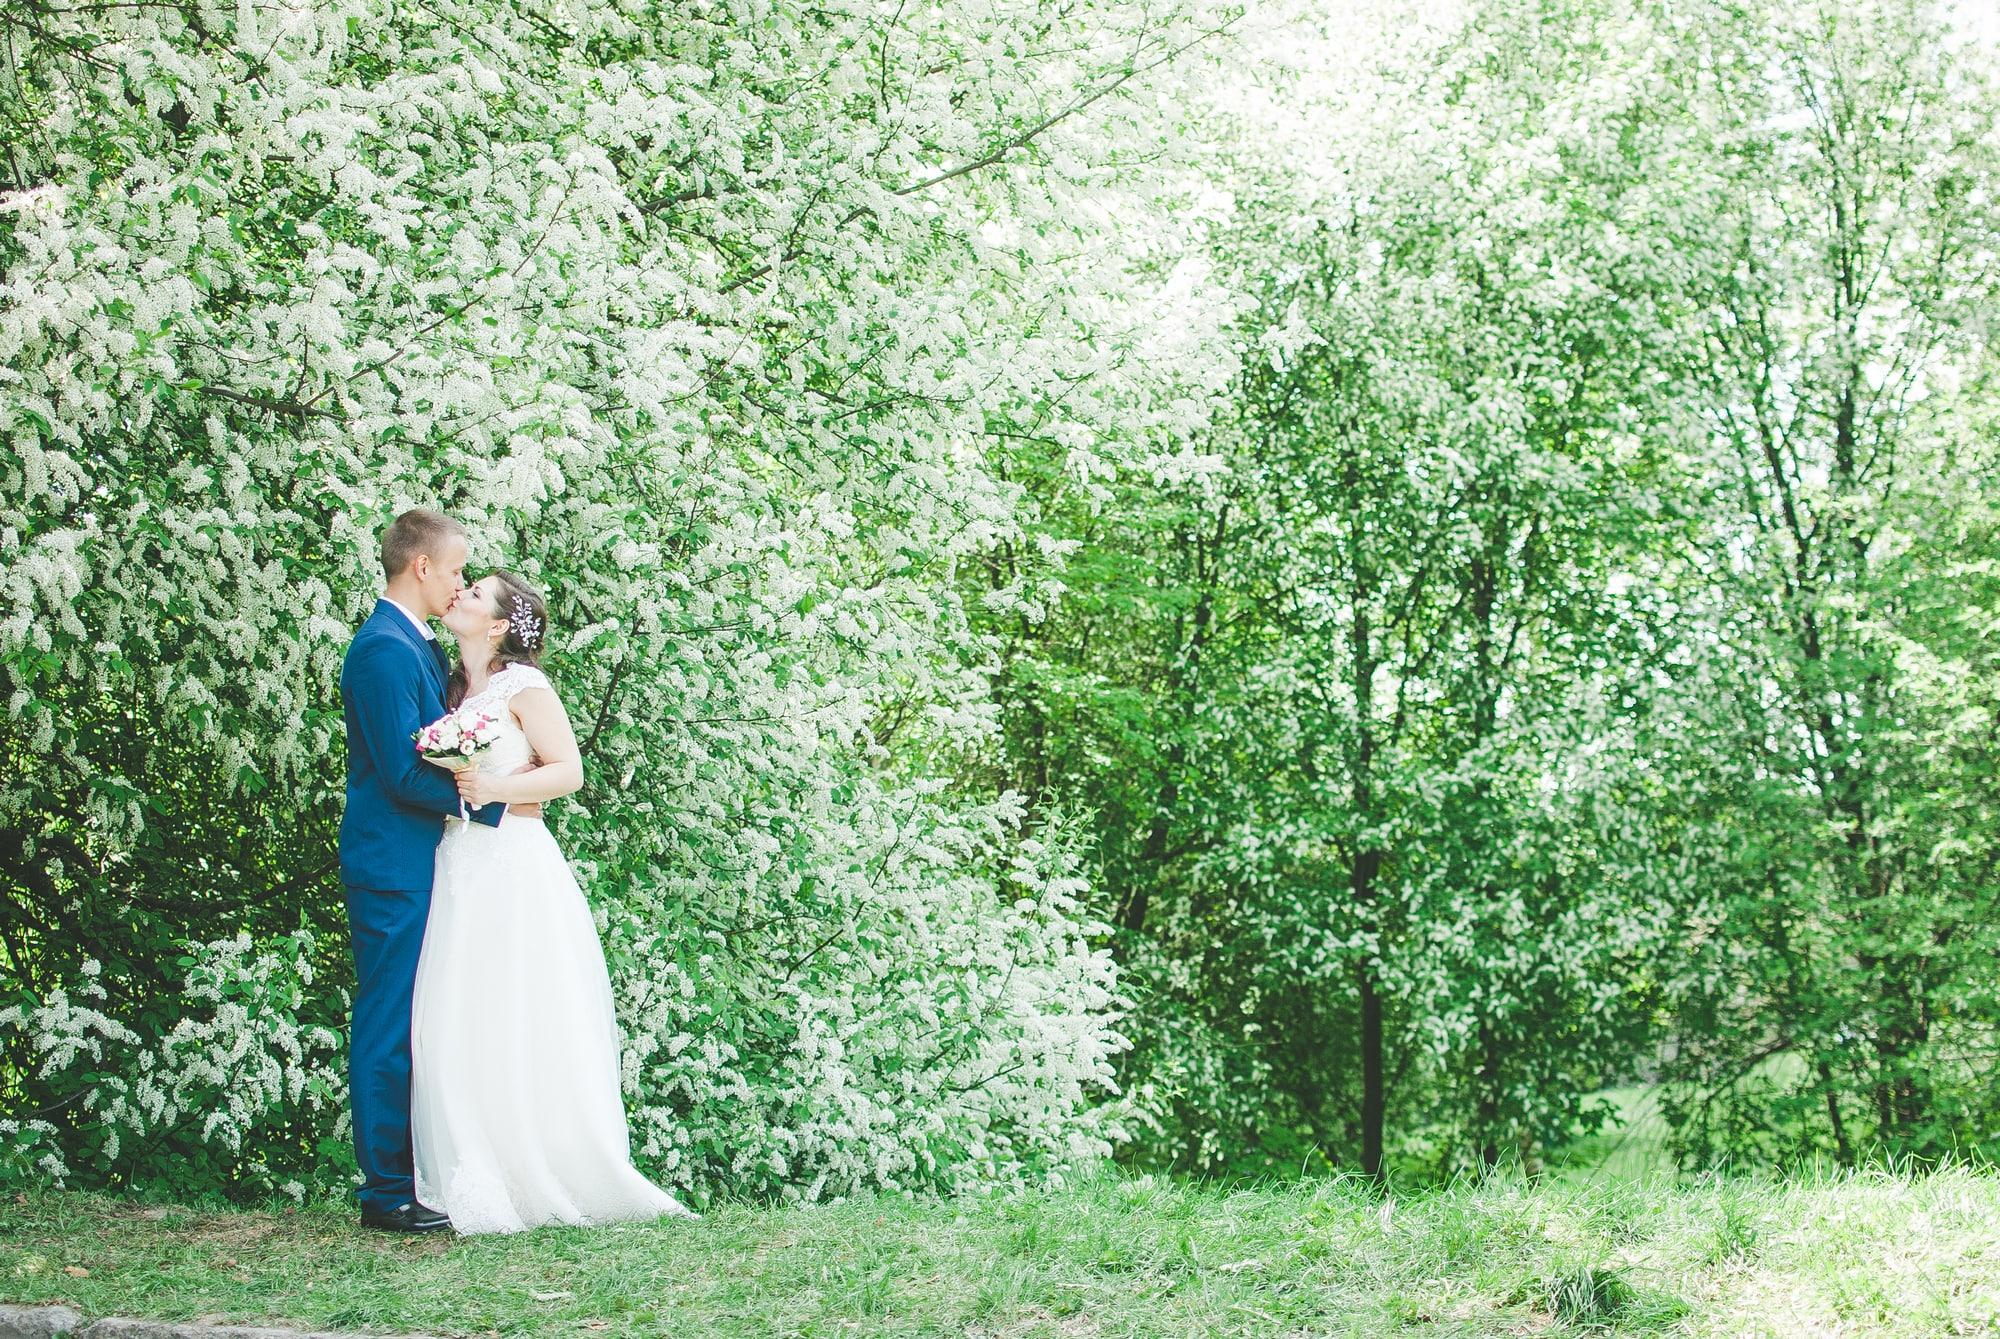 Поцелуи в ботаническом саду - фотограф Женя Лайт